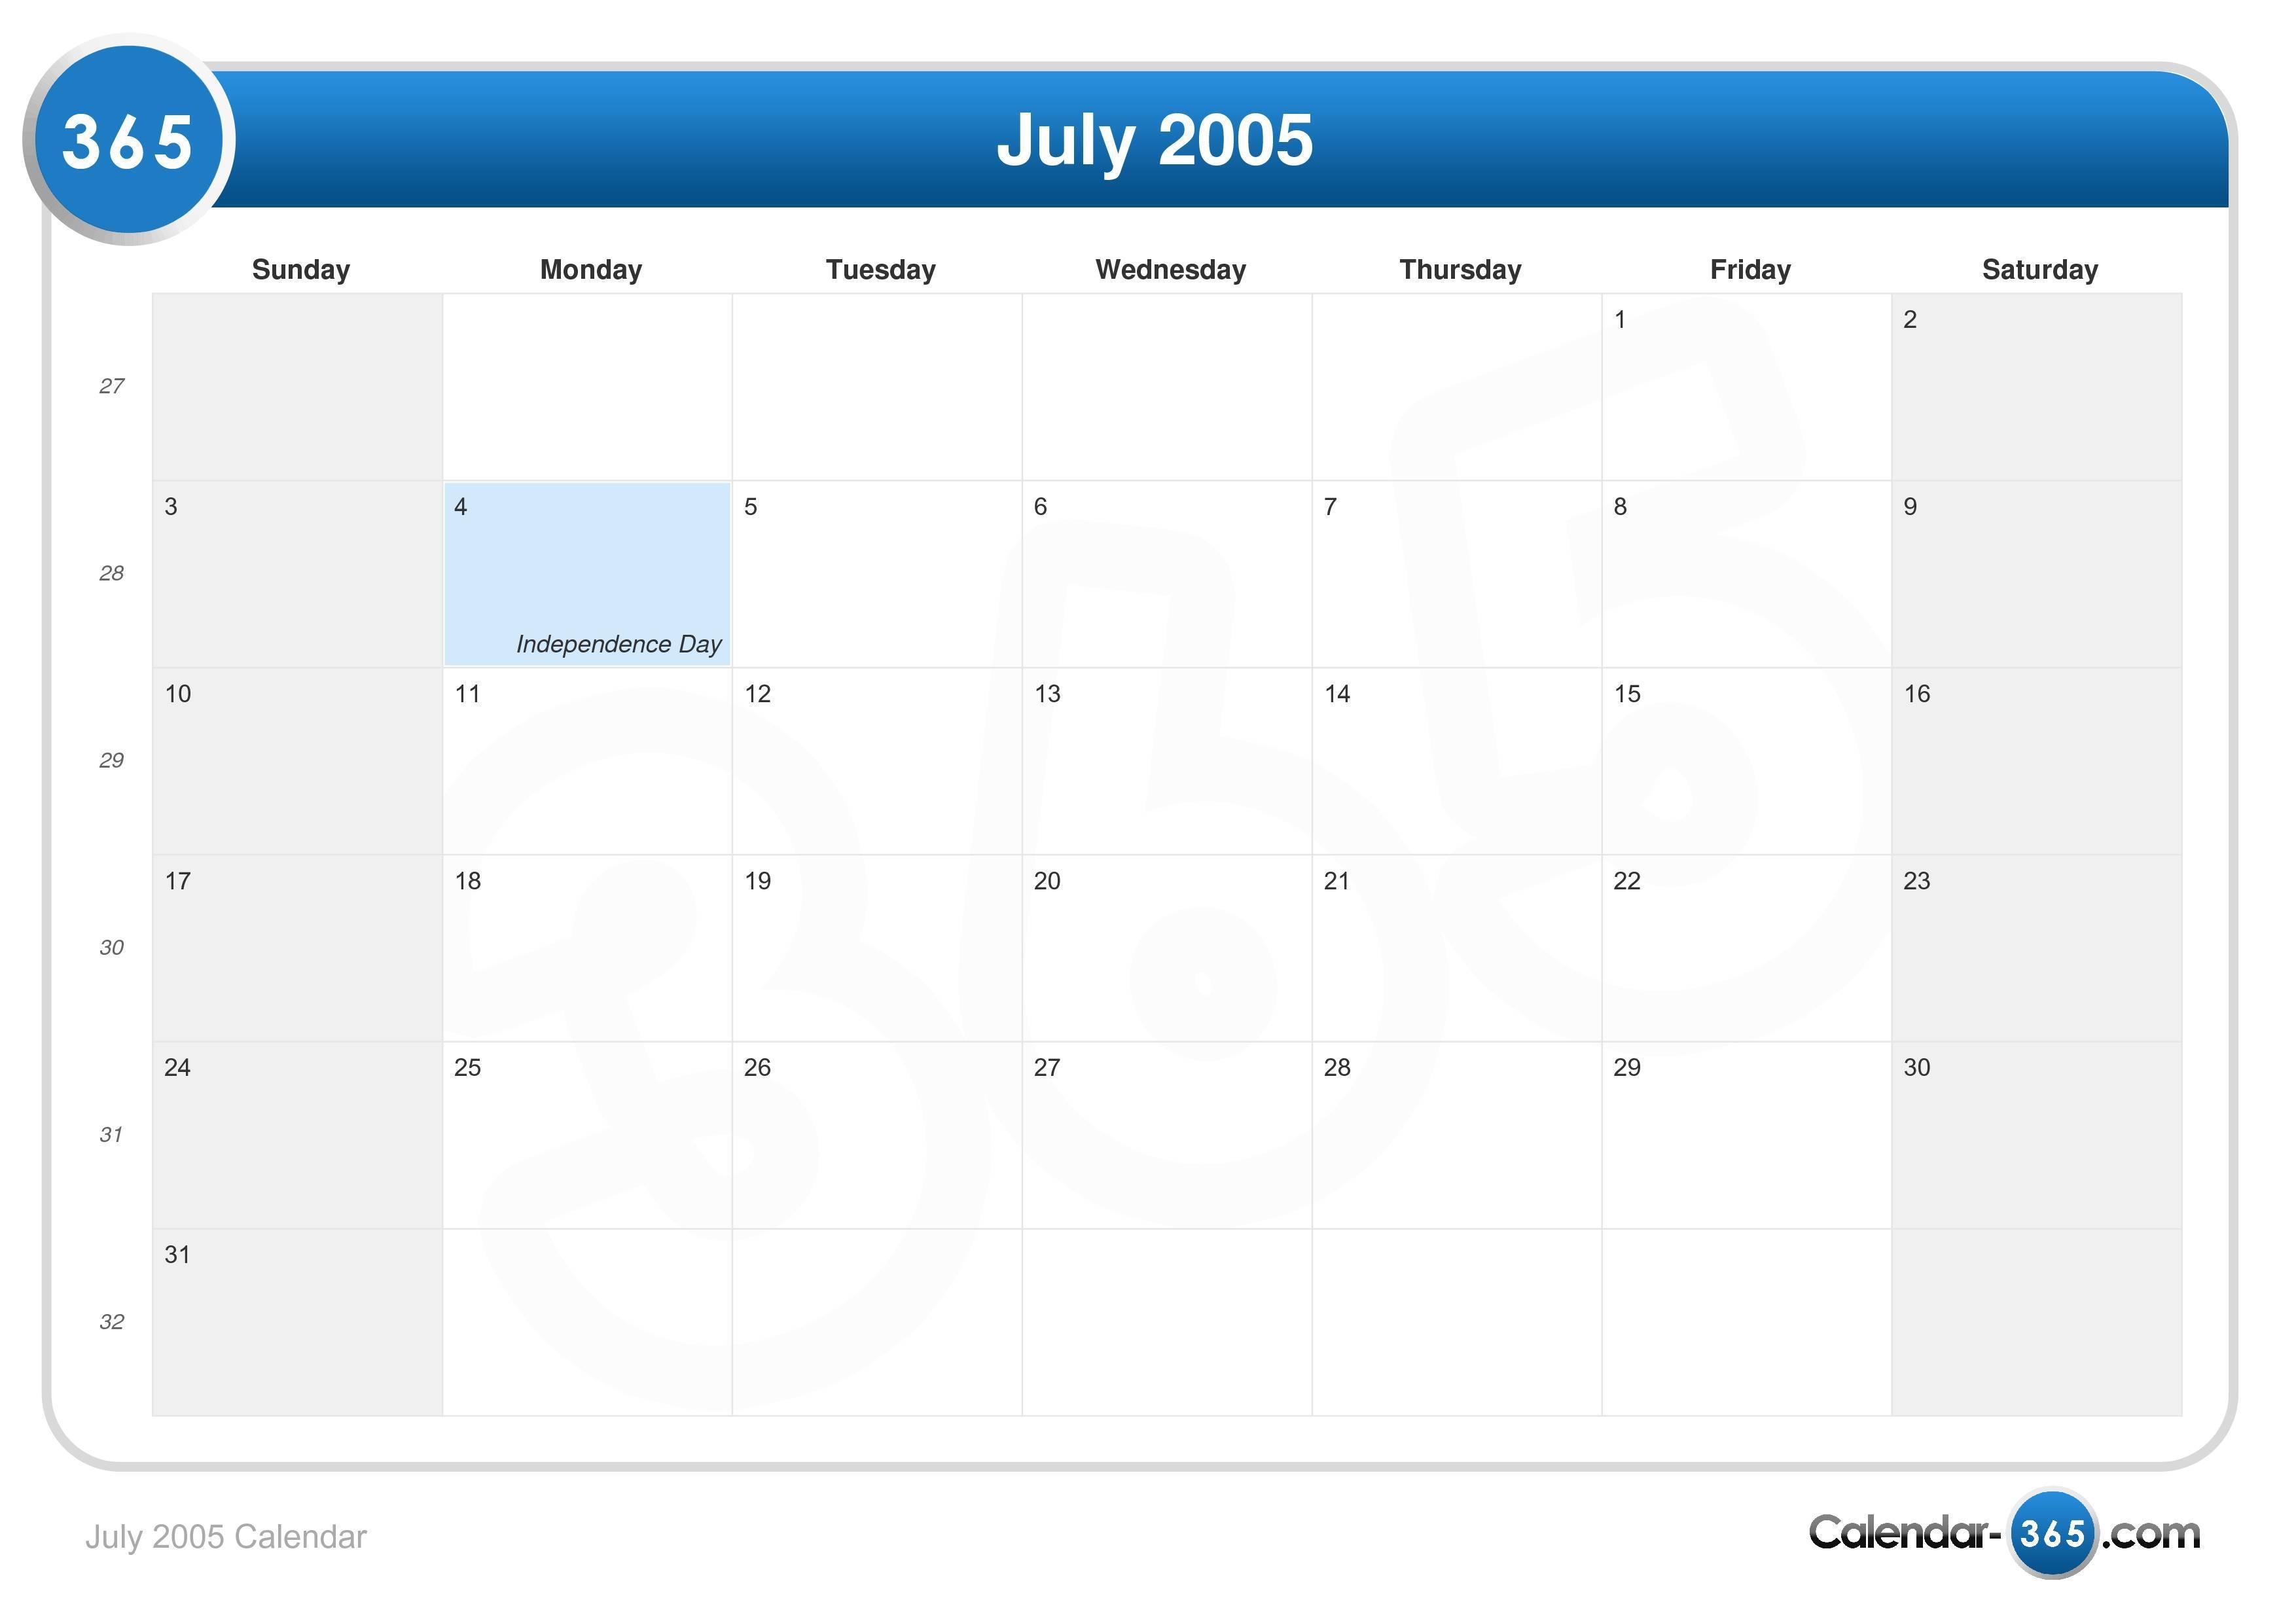 2005 kalender Year 2005